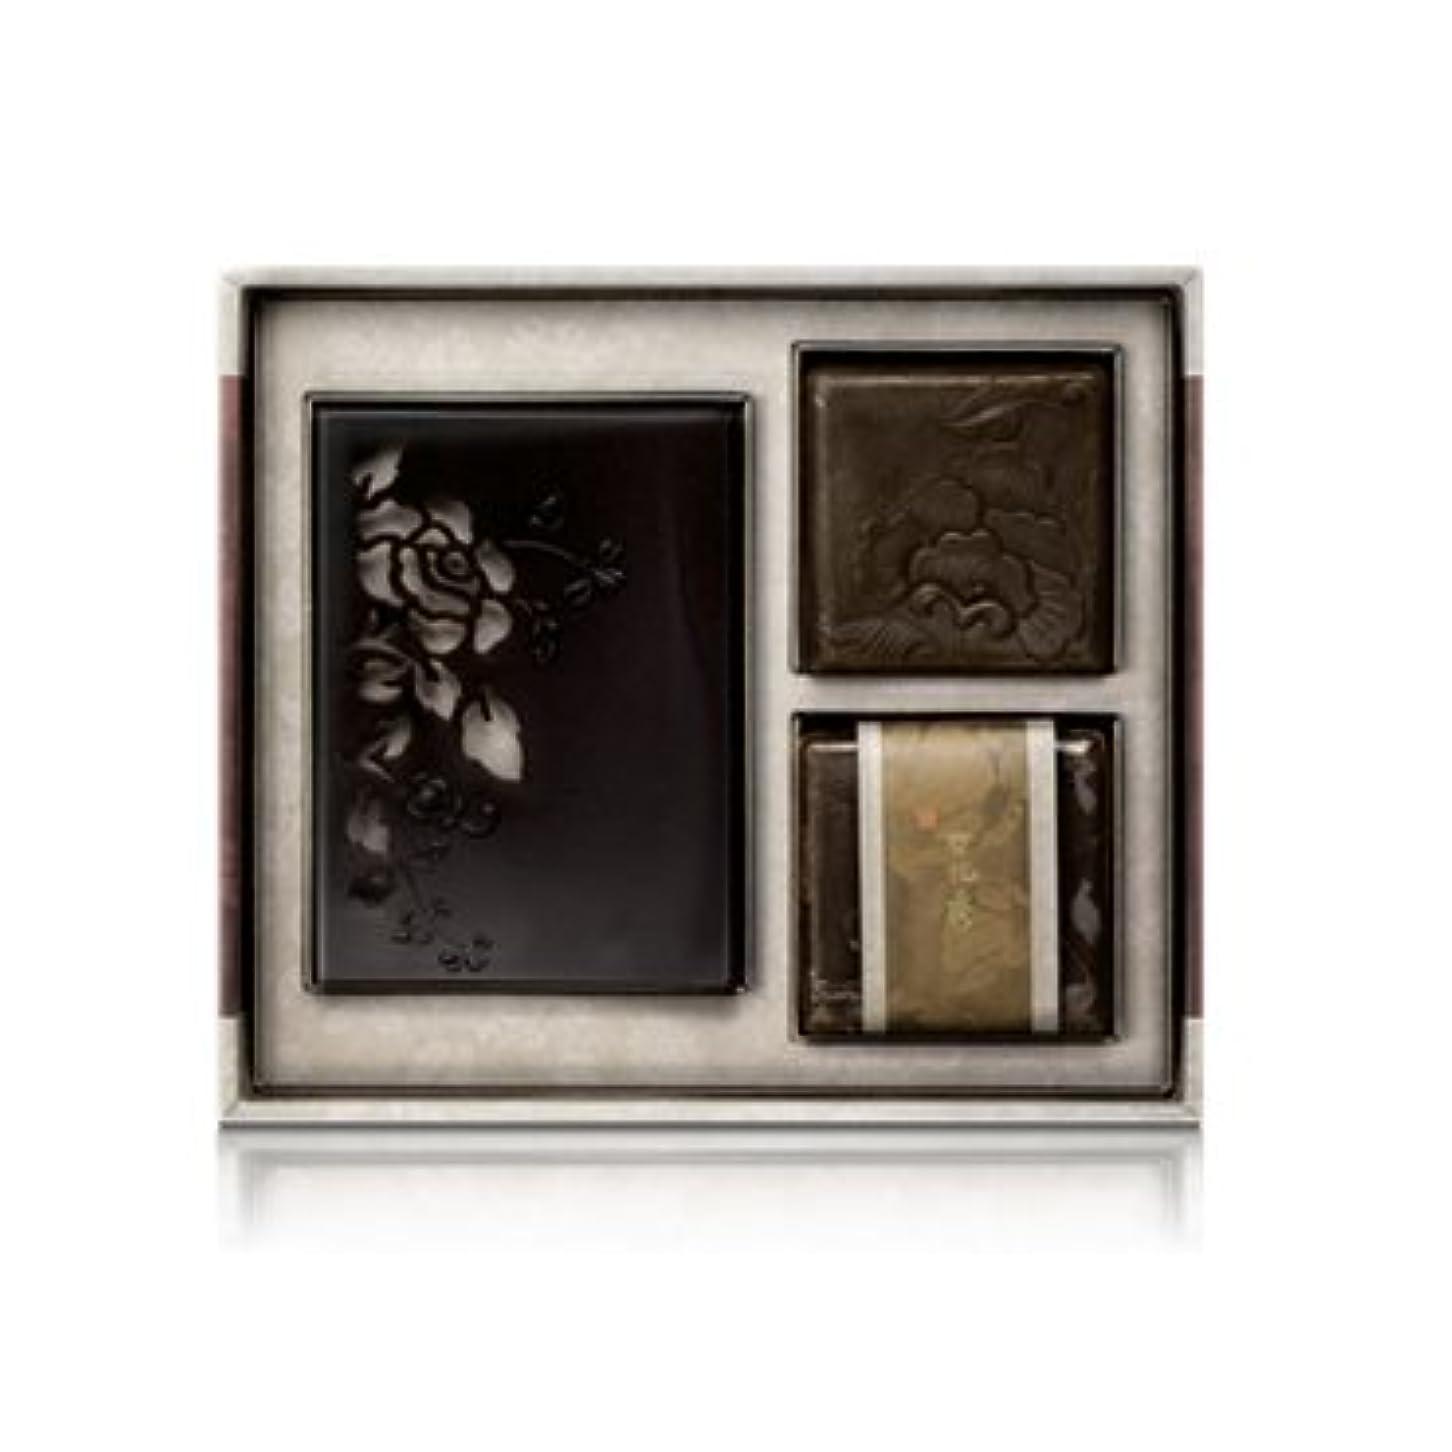 スクレーパー道徳プライバシーソラス [雪花秀] 宮中石鹸 (100g * 2個+ケース) 1748